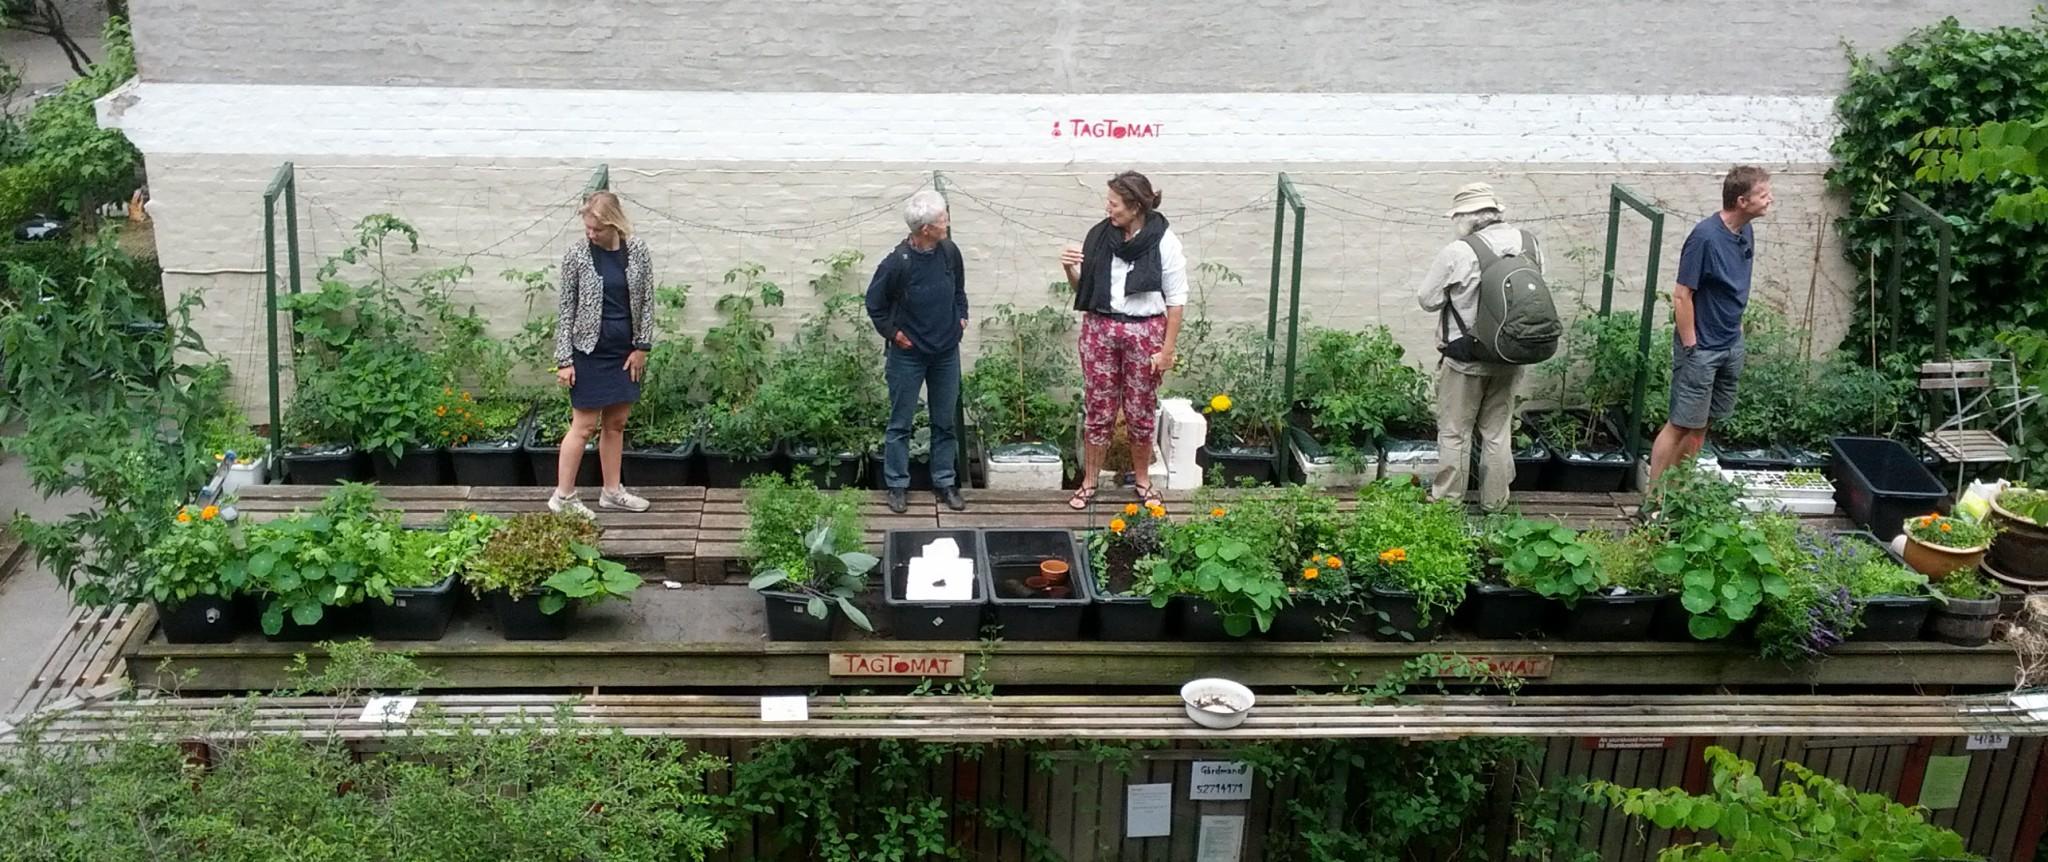 Taghaven på Nørrebro